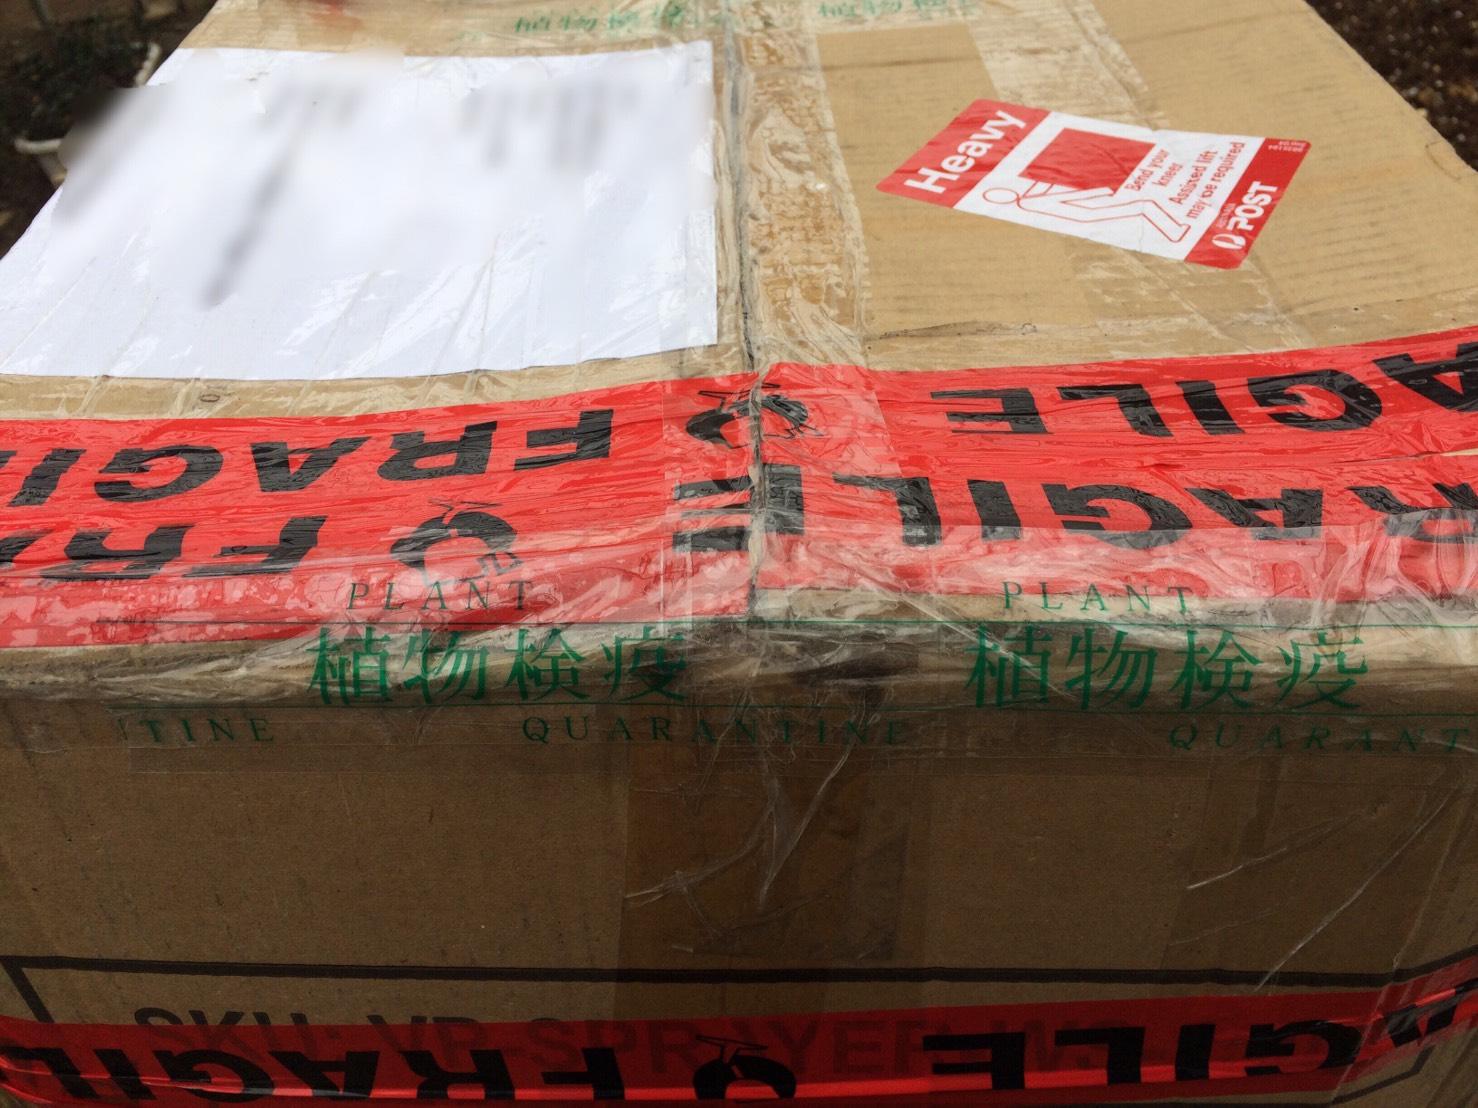 植物検疫・税関検査が終了後、専用テープで再装